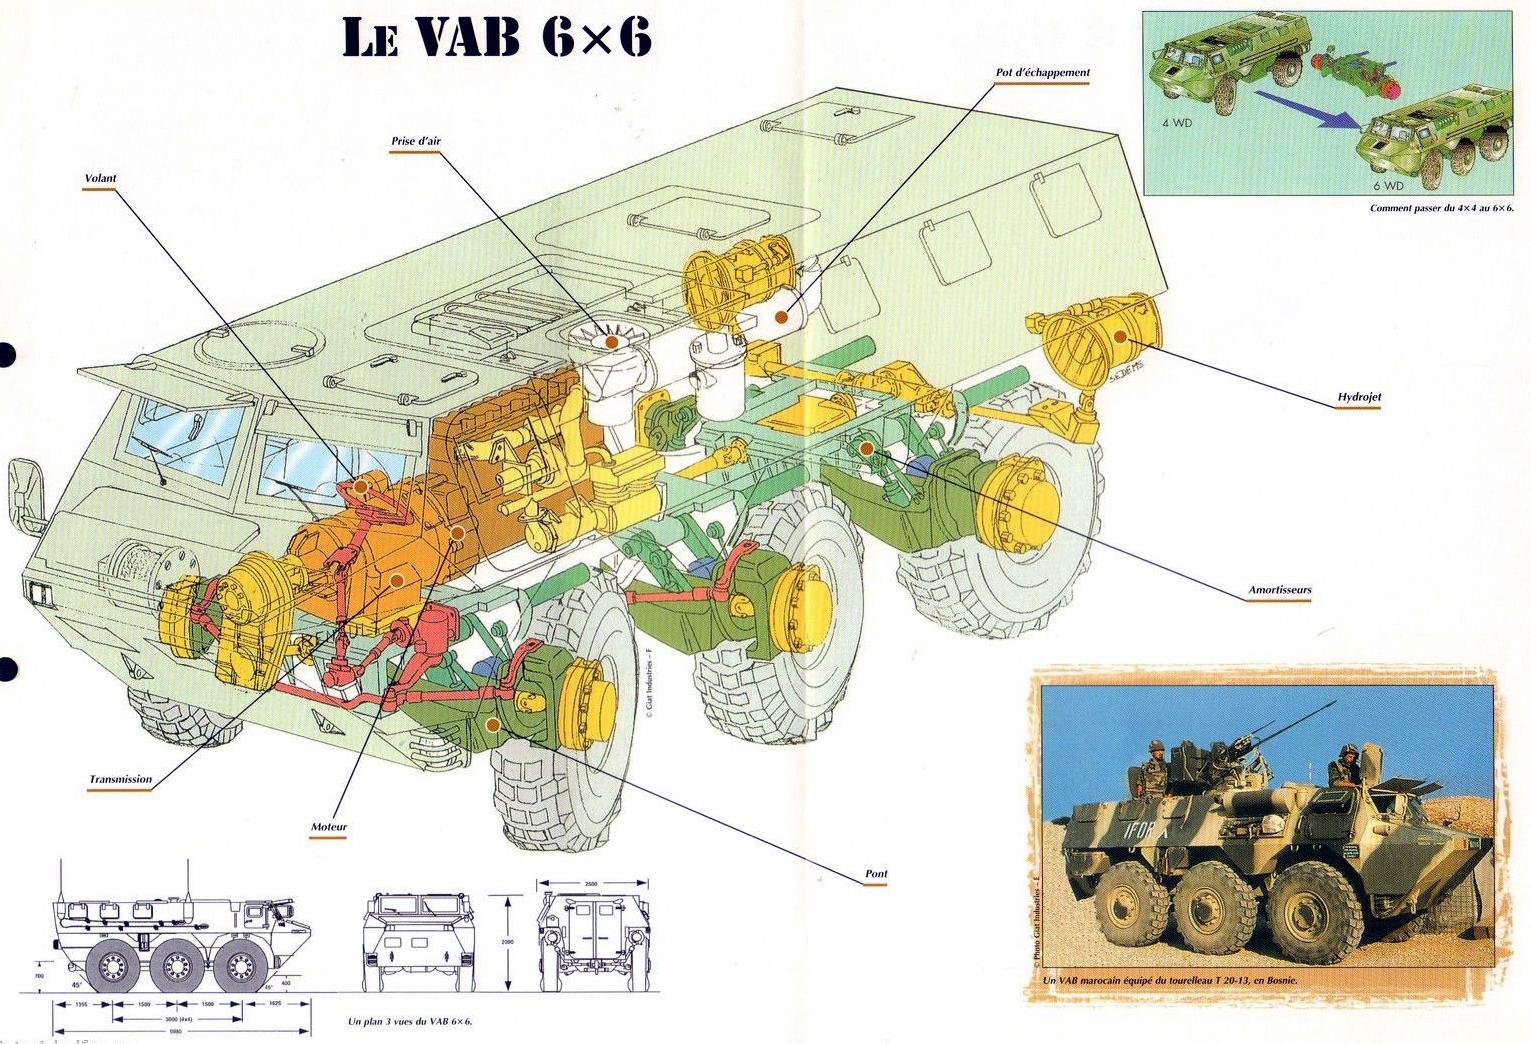 Renault VAB VTT et VCI des Forces Armées Royales 31832963545_364e9f8267_o